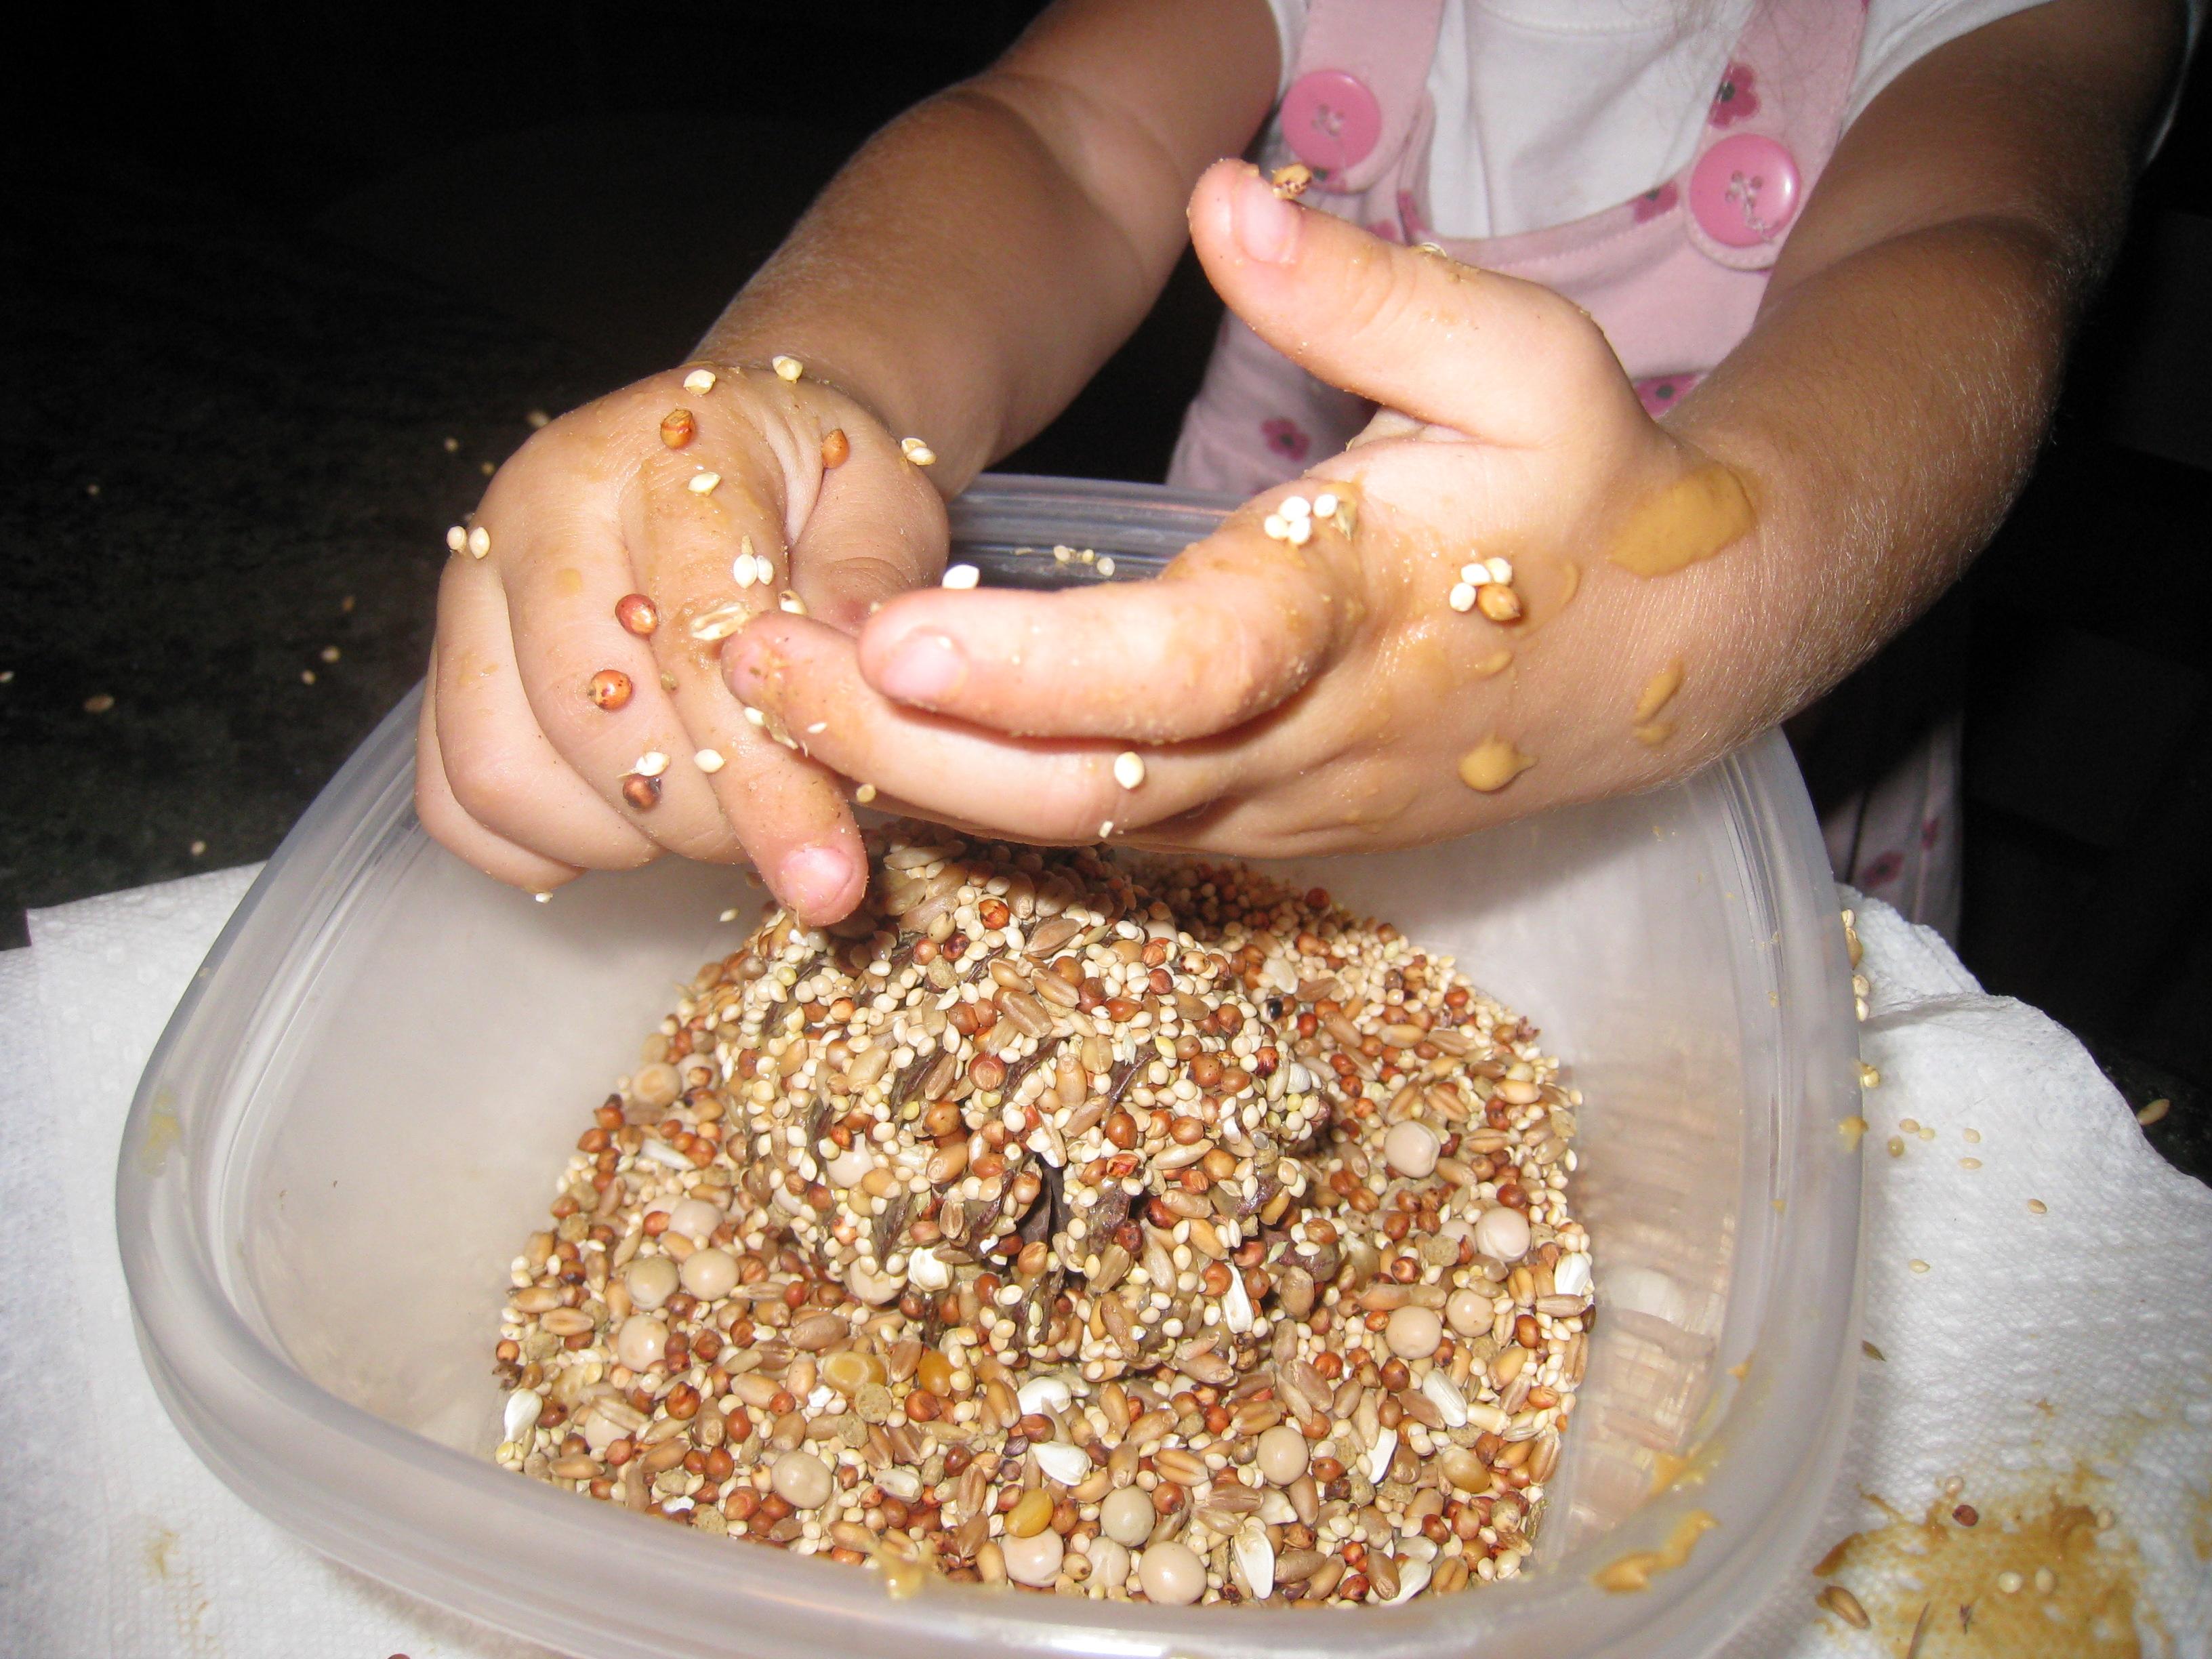 Rolling in bird seed sticky fun!